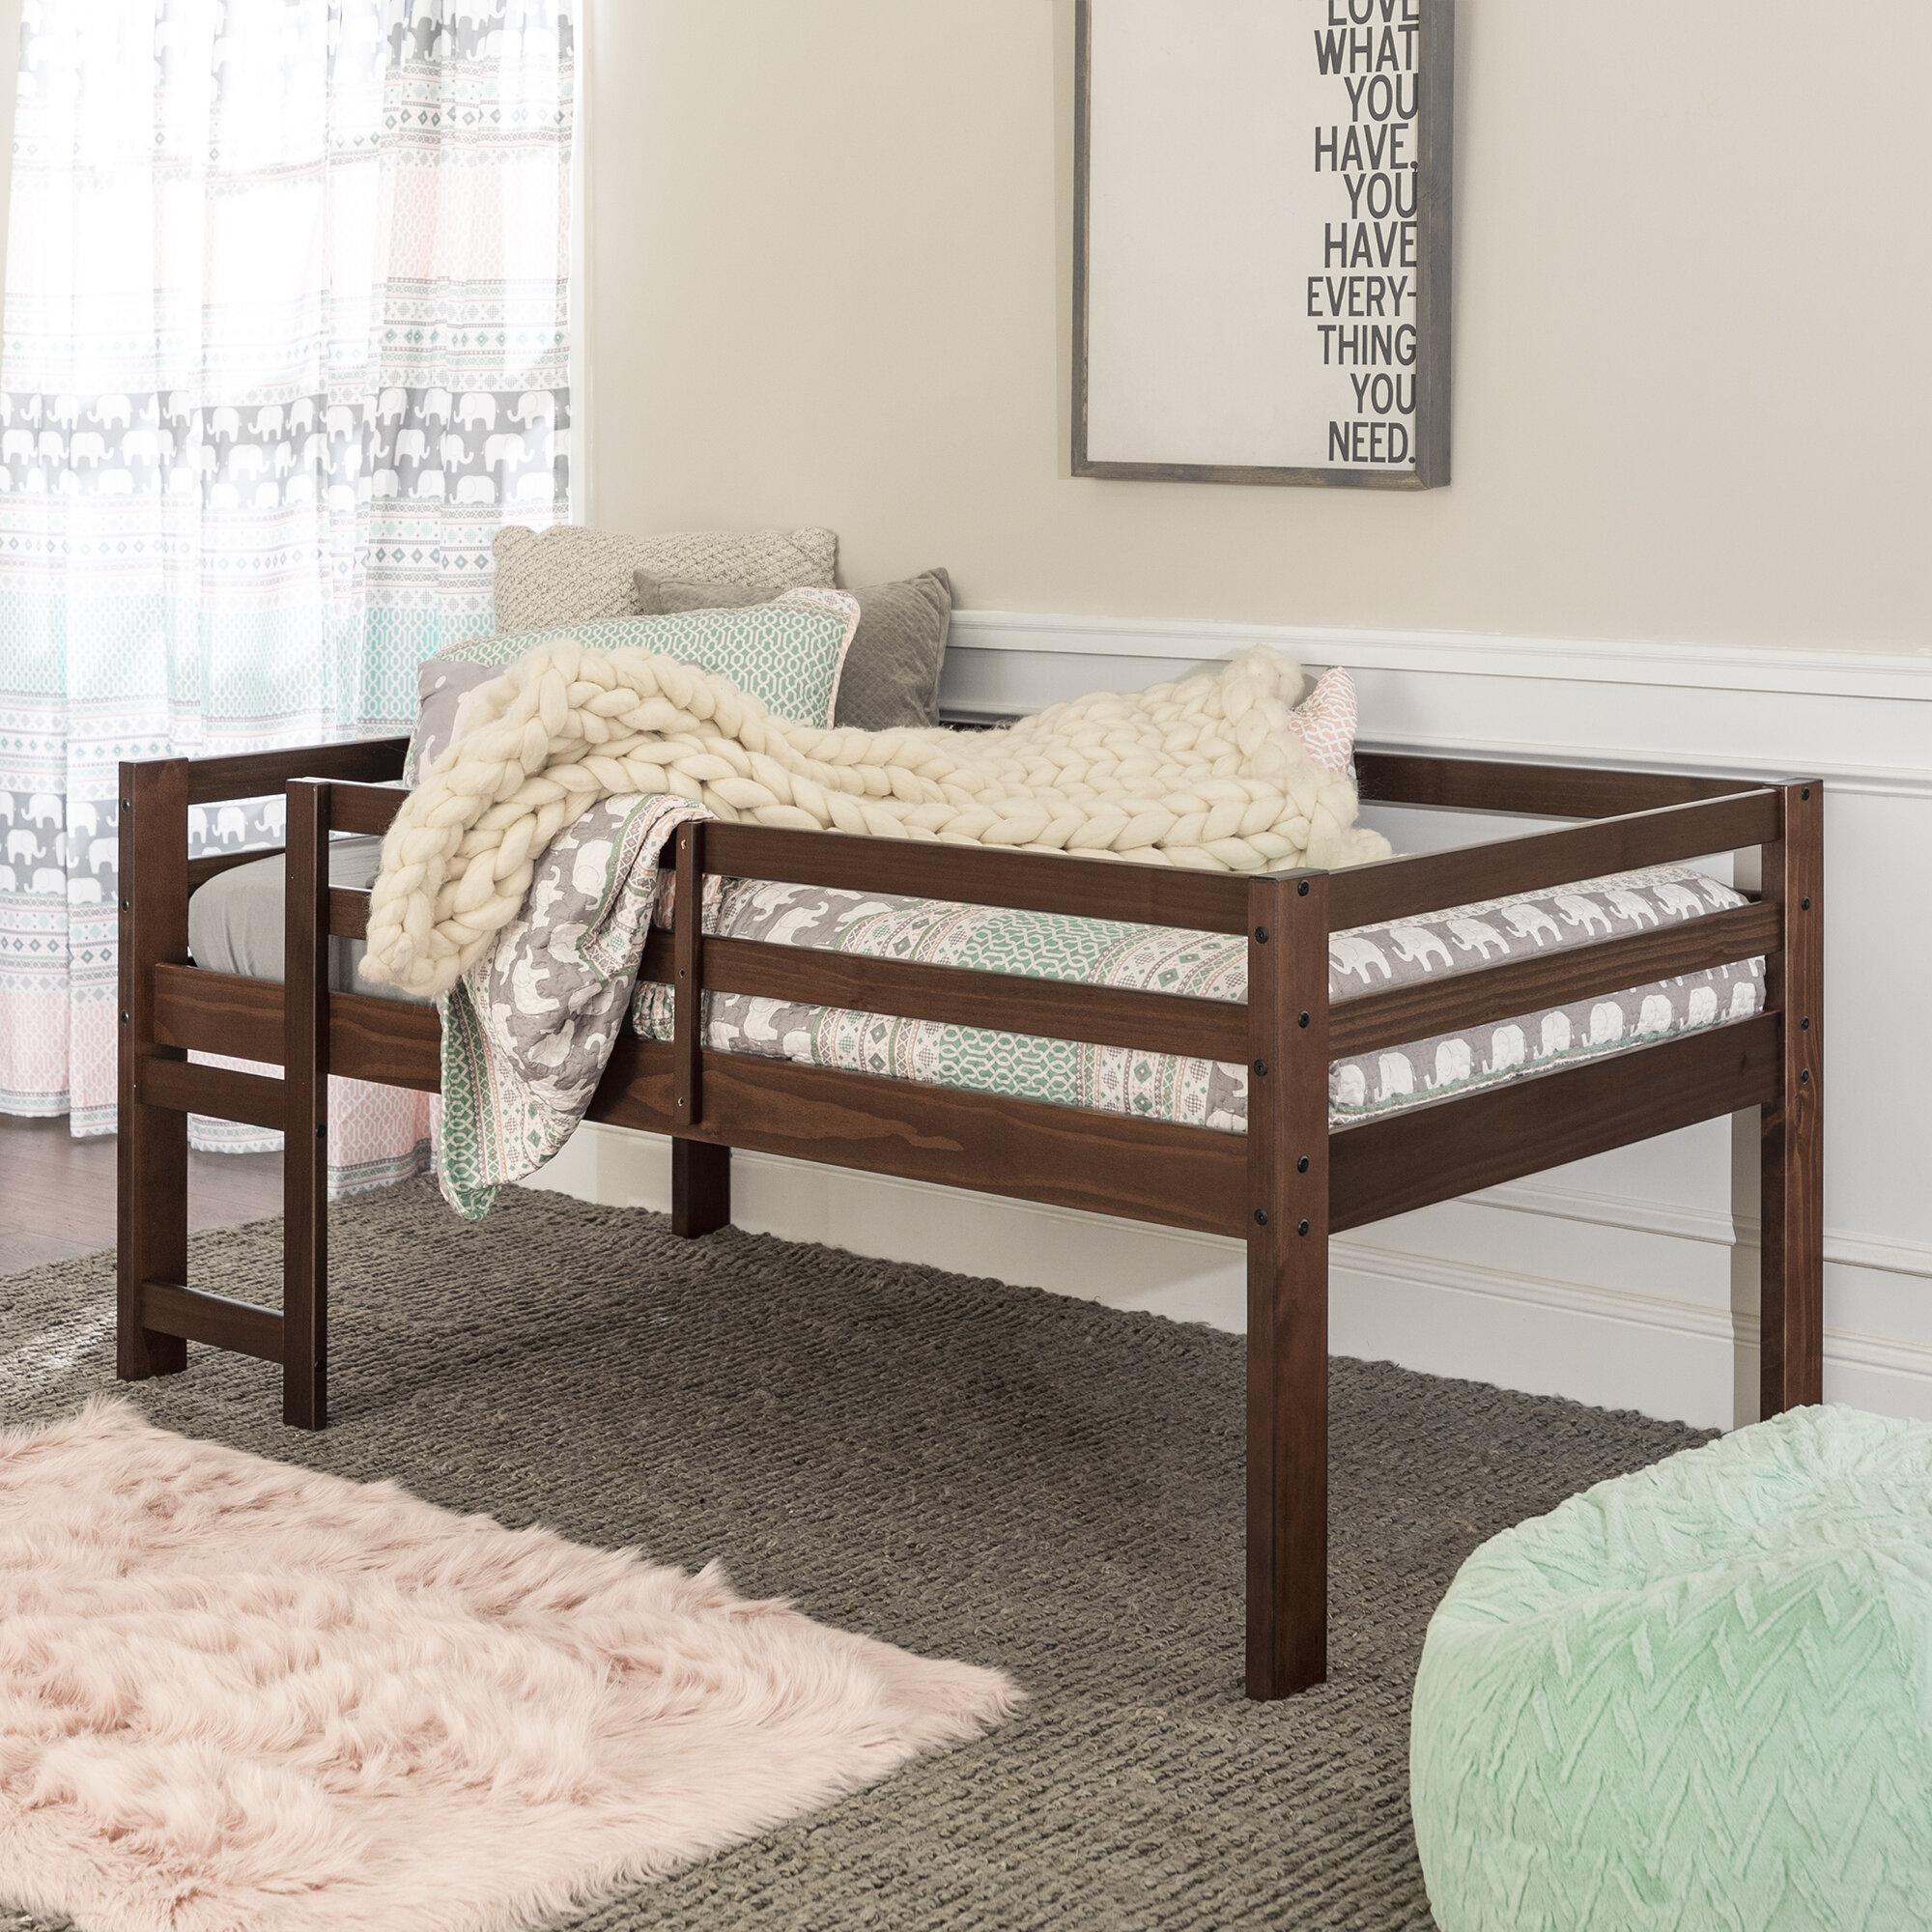 Harriet Bee Ranveer Twin Low Loft Bed Reviews Wayfair